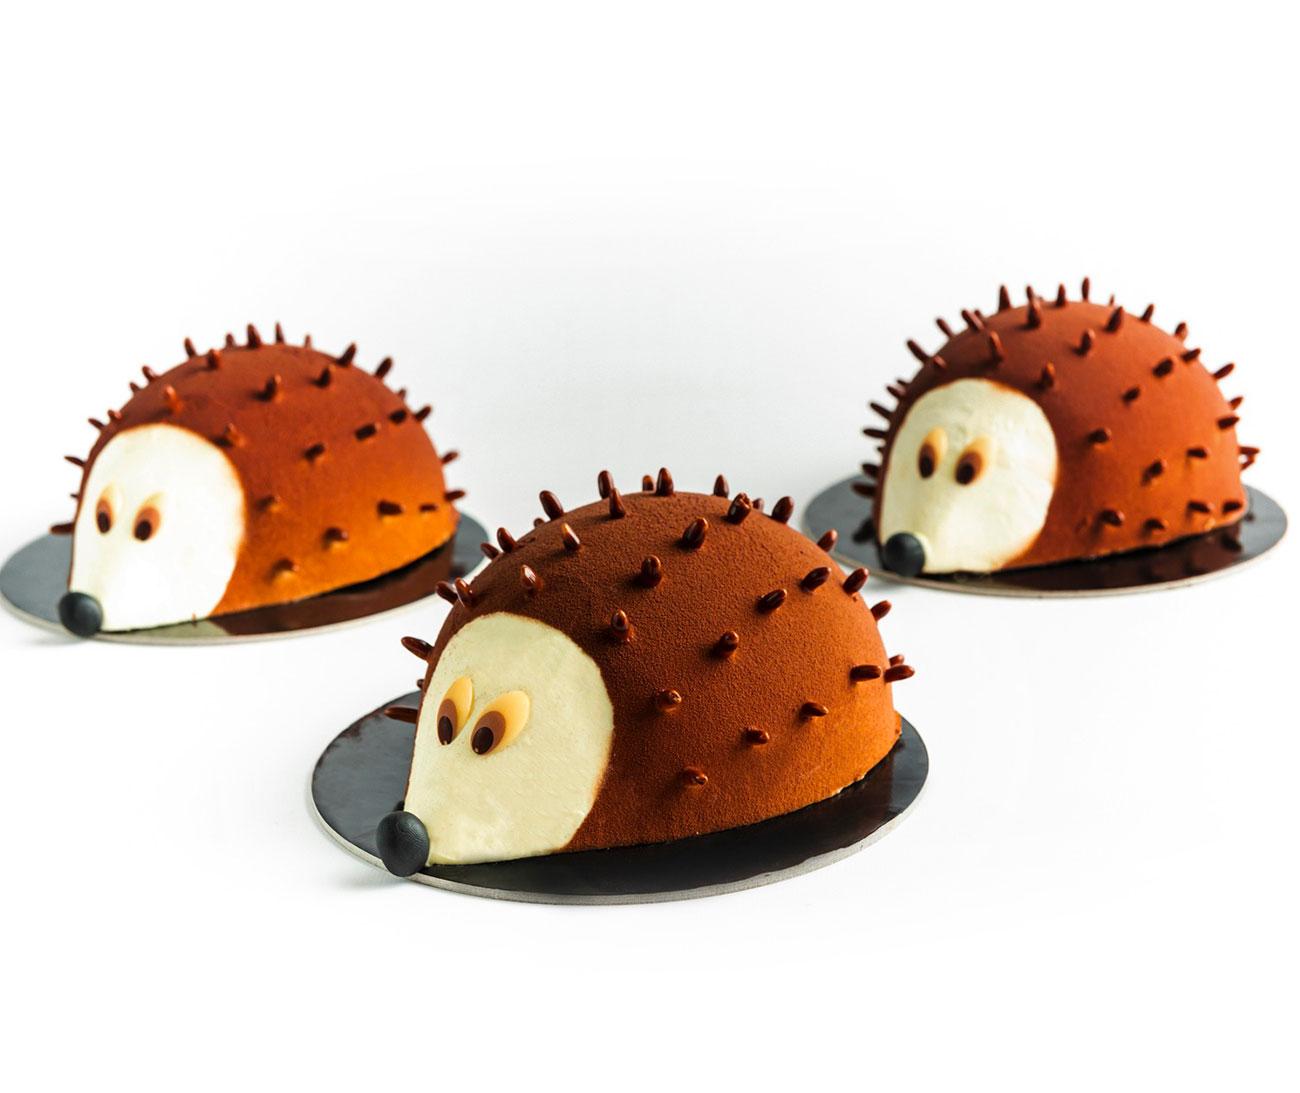 salvatore-petriella-creazioni-torte-riccio-img-01